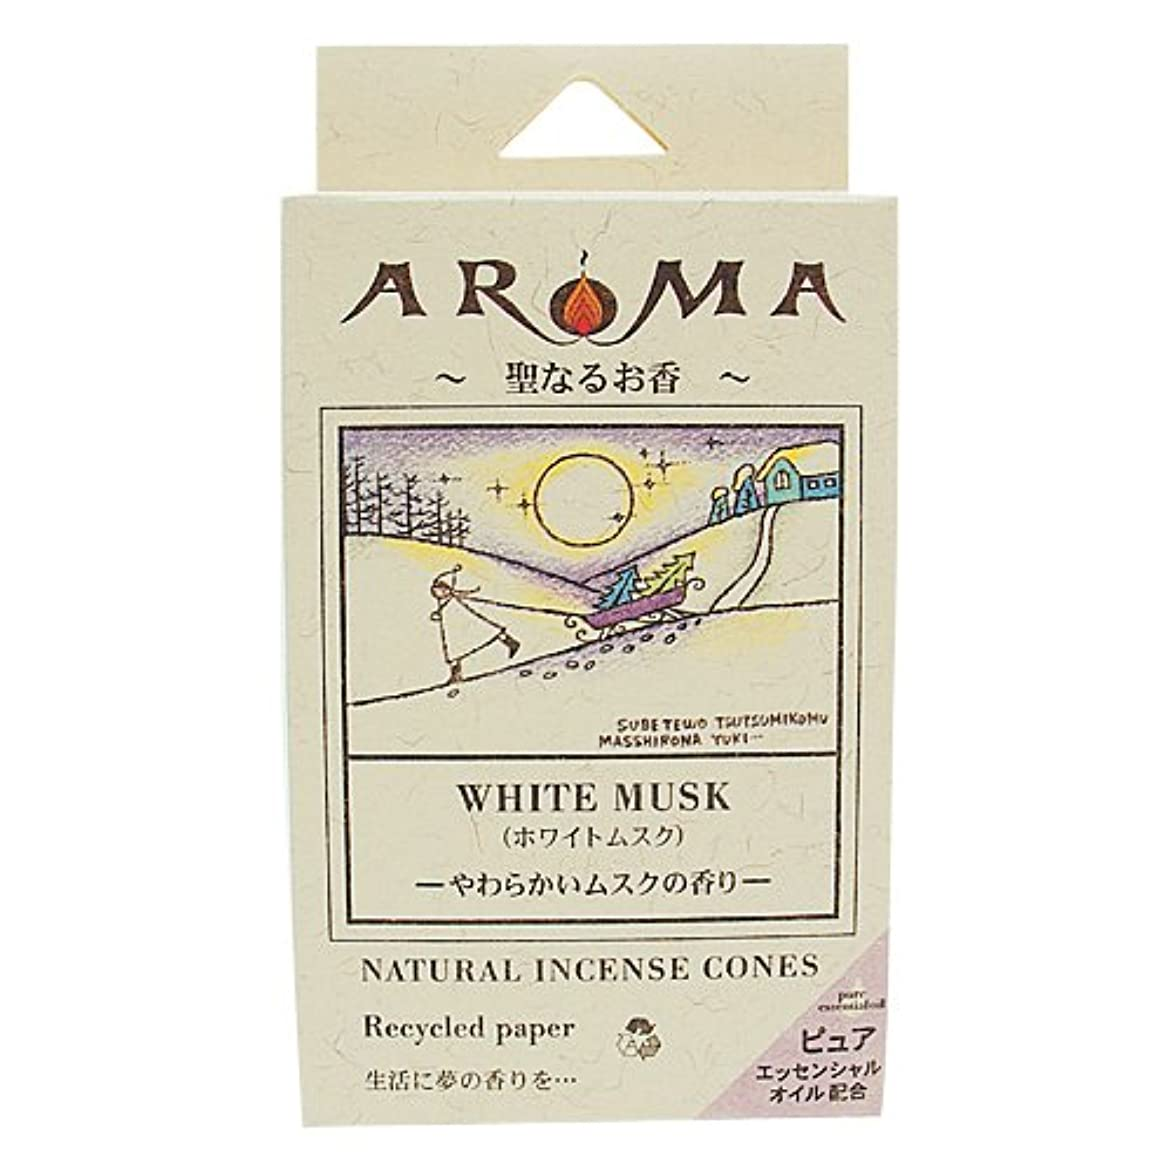 綺麗な理想的には花に水をやるアロマ香 ホワイトムスク 16粒(コーンタイプインセンス 1粒の燃焼時間約20分 やわらかいムスクの香り)